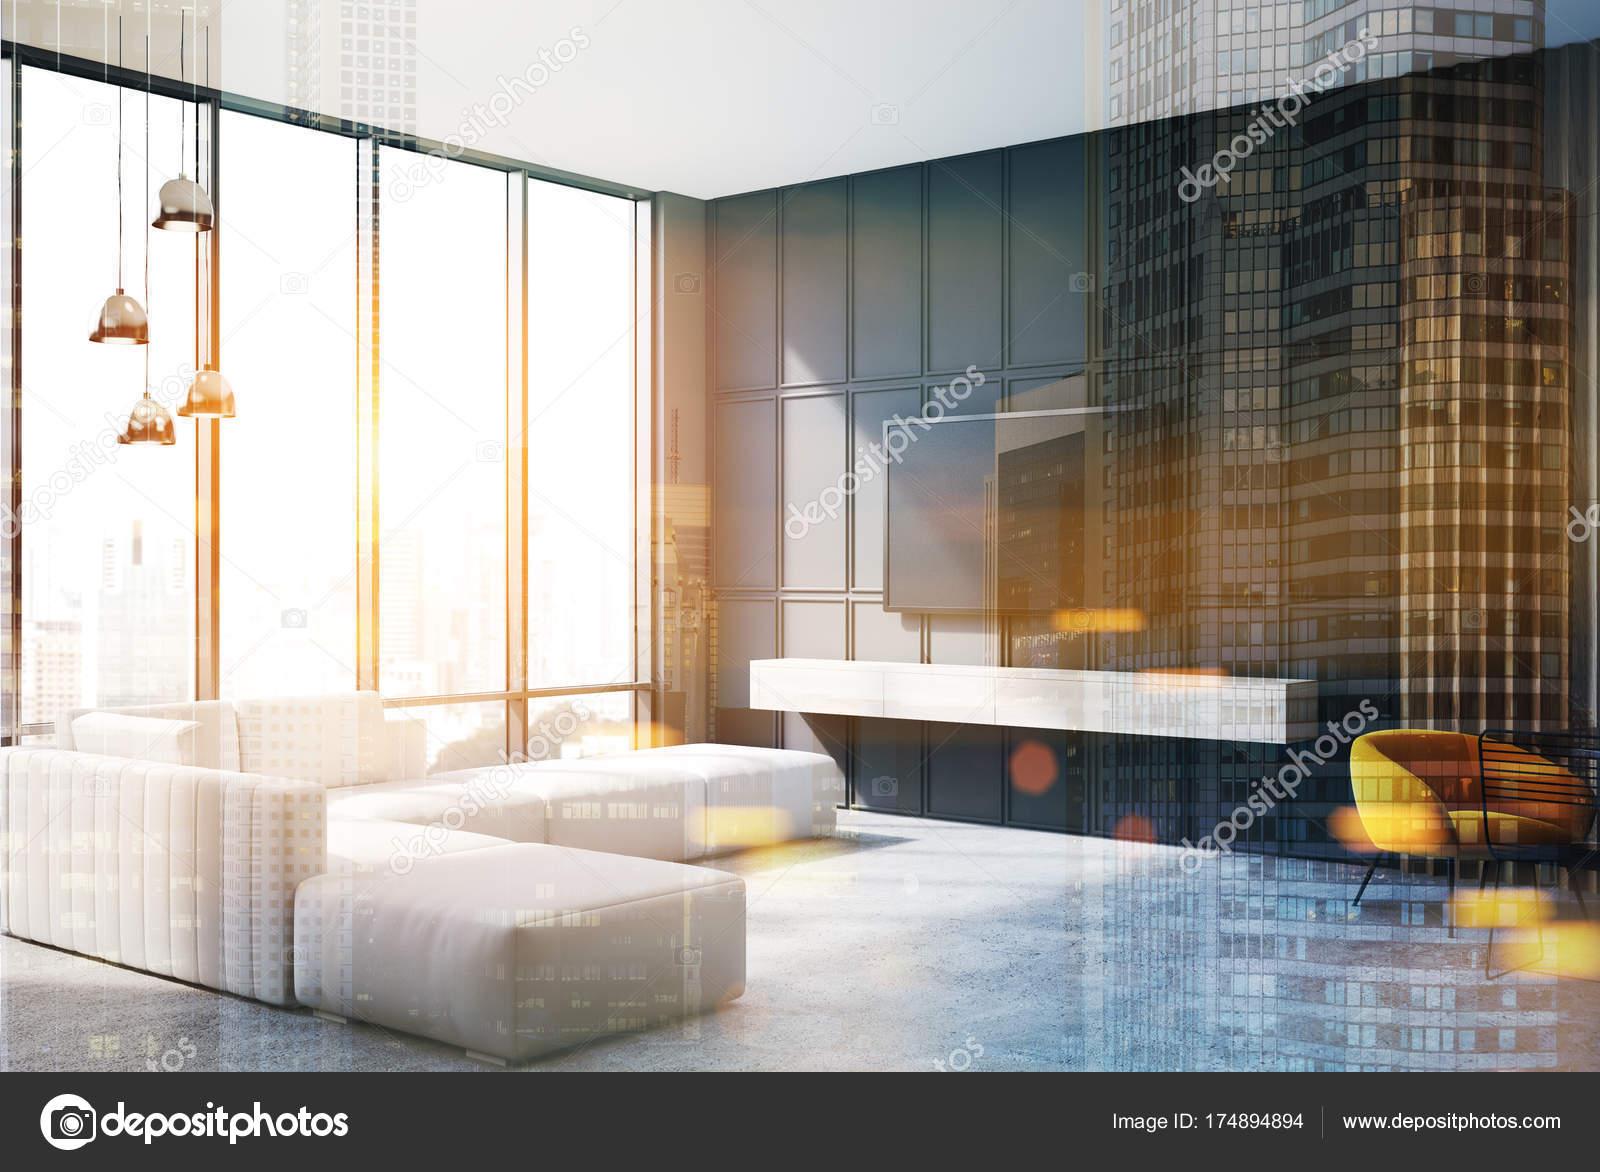 Grau Und Hölzernen Wohnecke Mit Tv Set Hängen An Der Wand Und Eine Schmale  Sofa In Der Nähe Ein Panoramafenster. Seitenansicht.